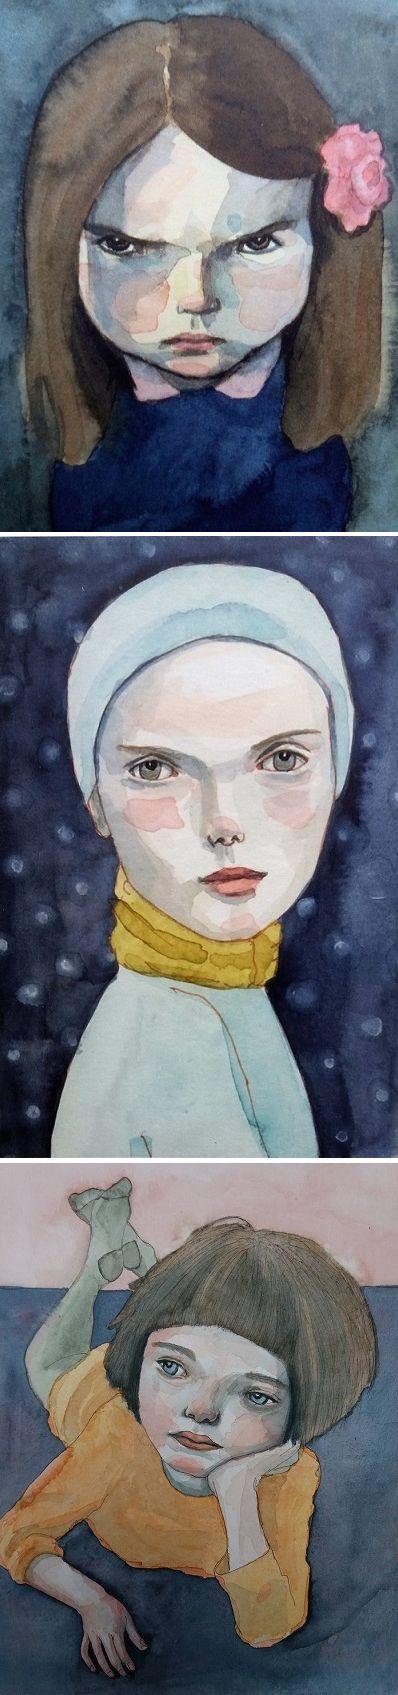 Paintings by Renate Groenewoud